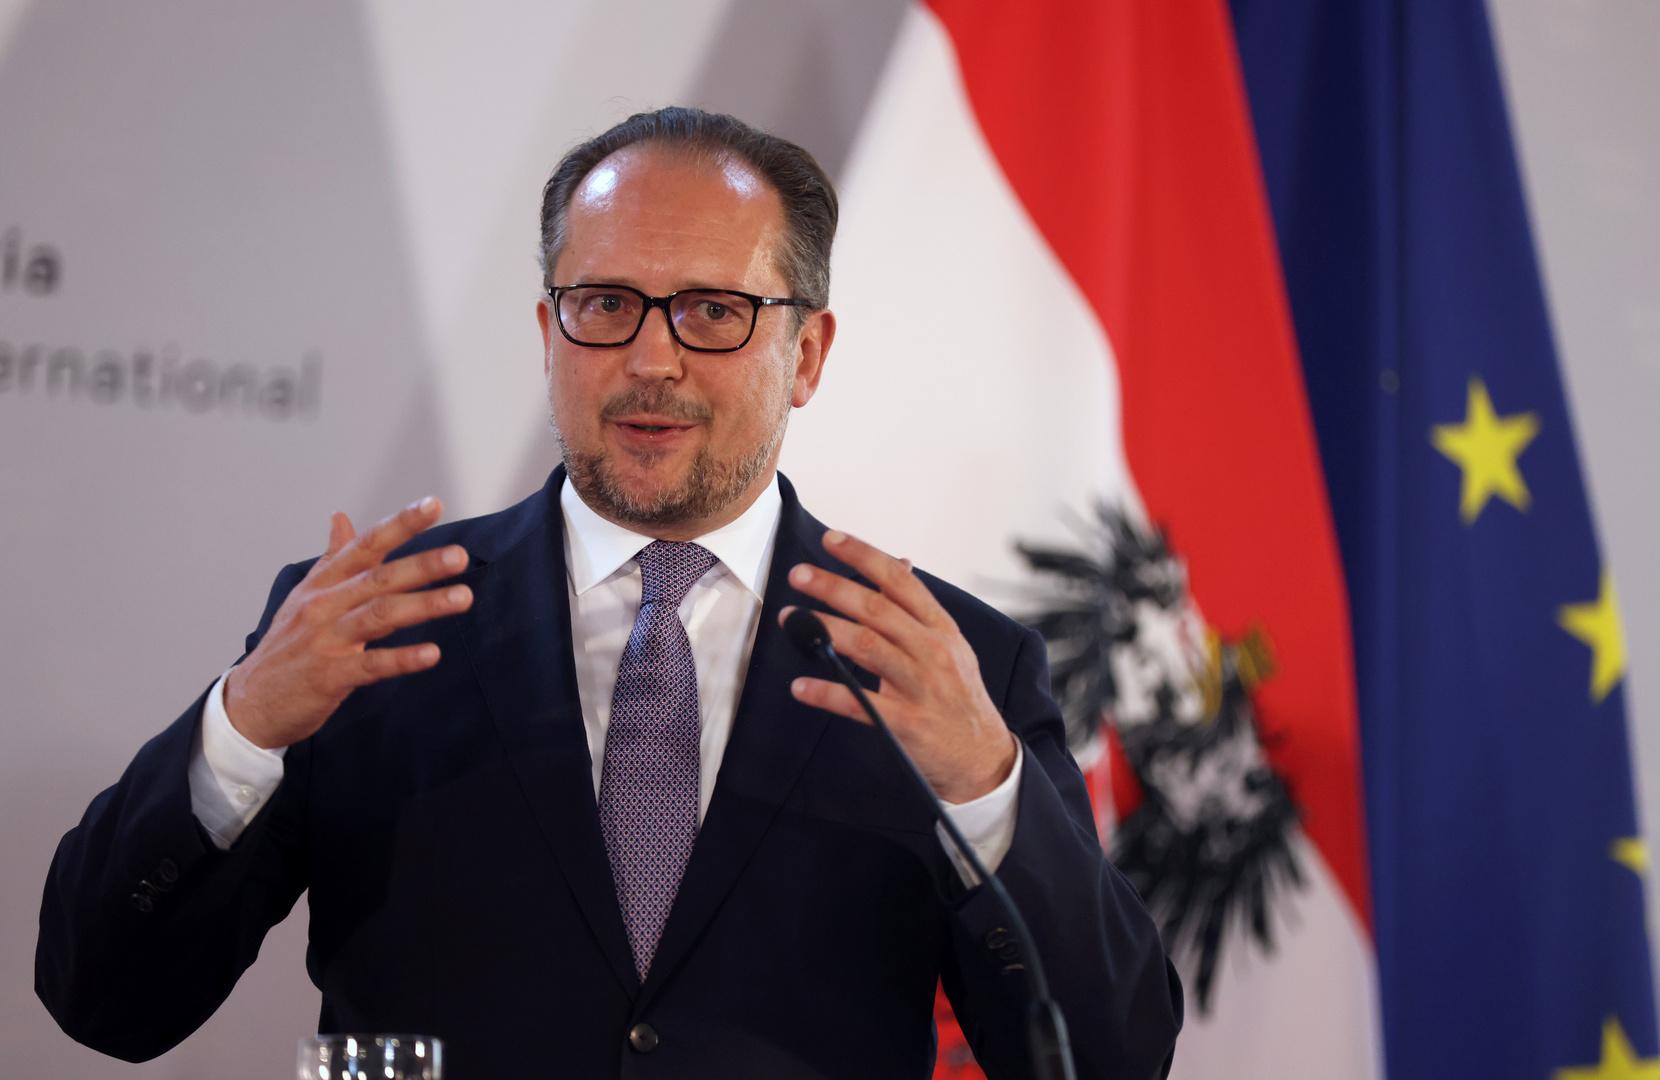 وزير خارجية النمسا ألكسندر شالنبيرغ